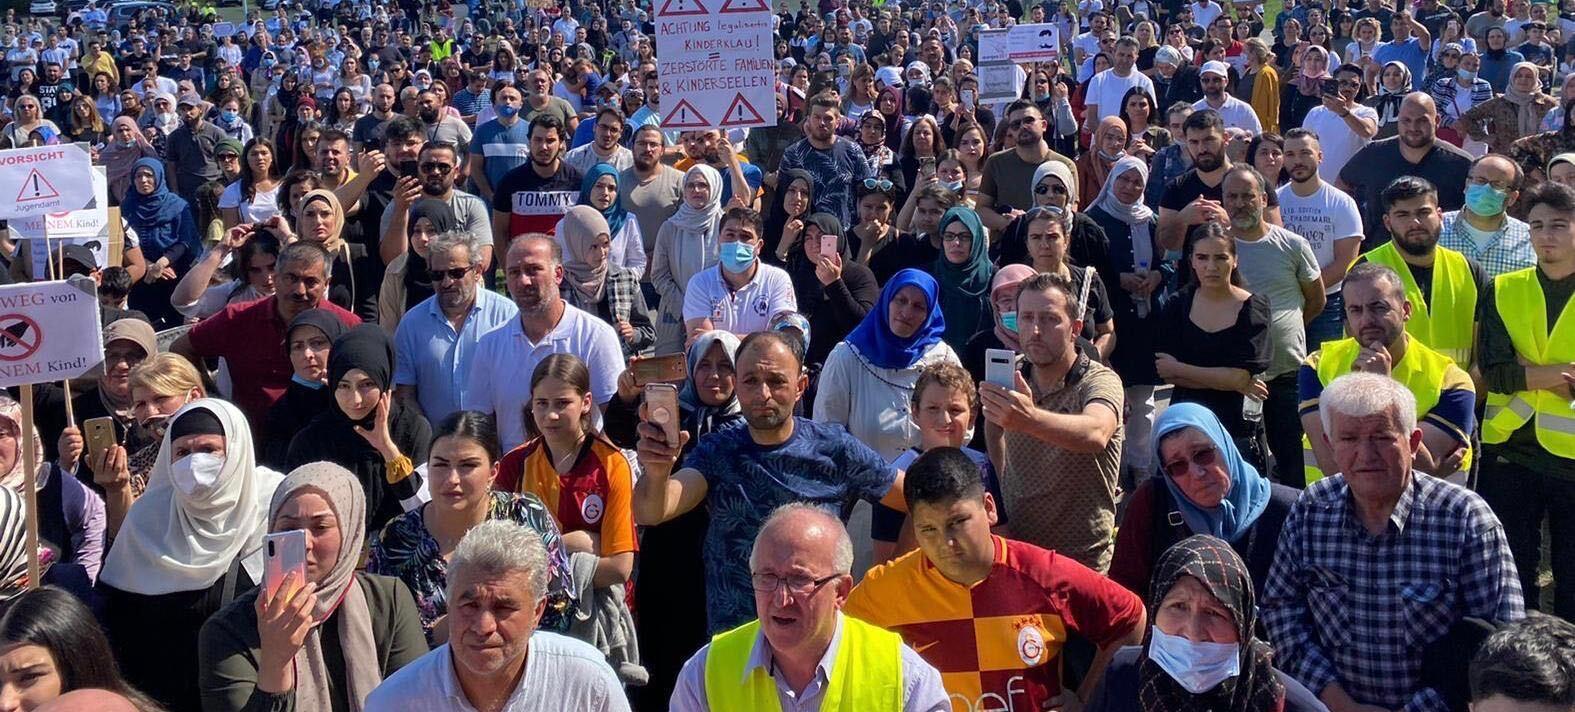 Dormagen: Demo gegen Inobhutnahme zweier Kinder durch Jugendamt